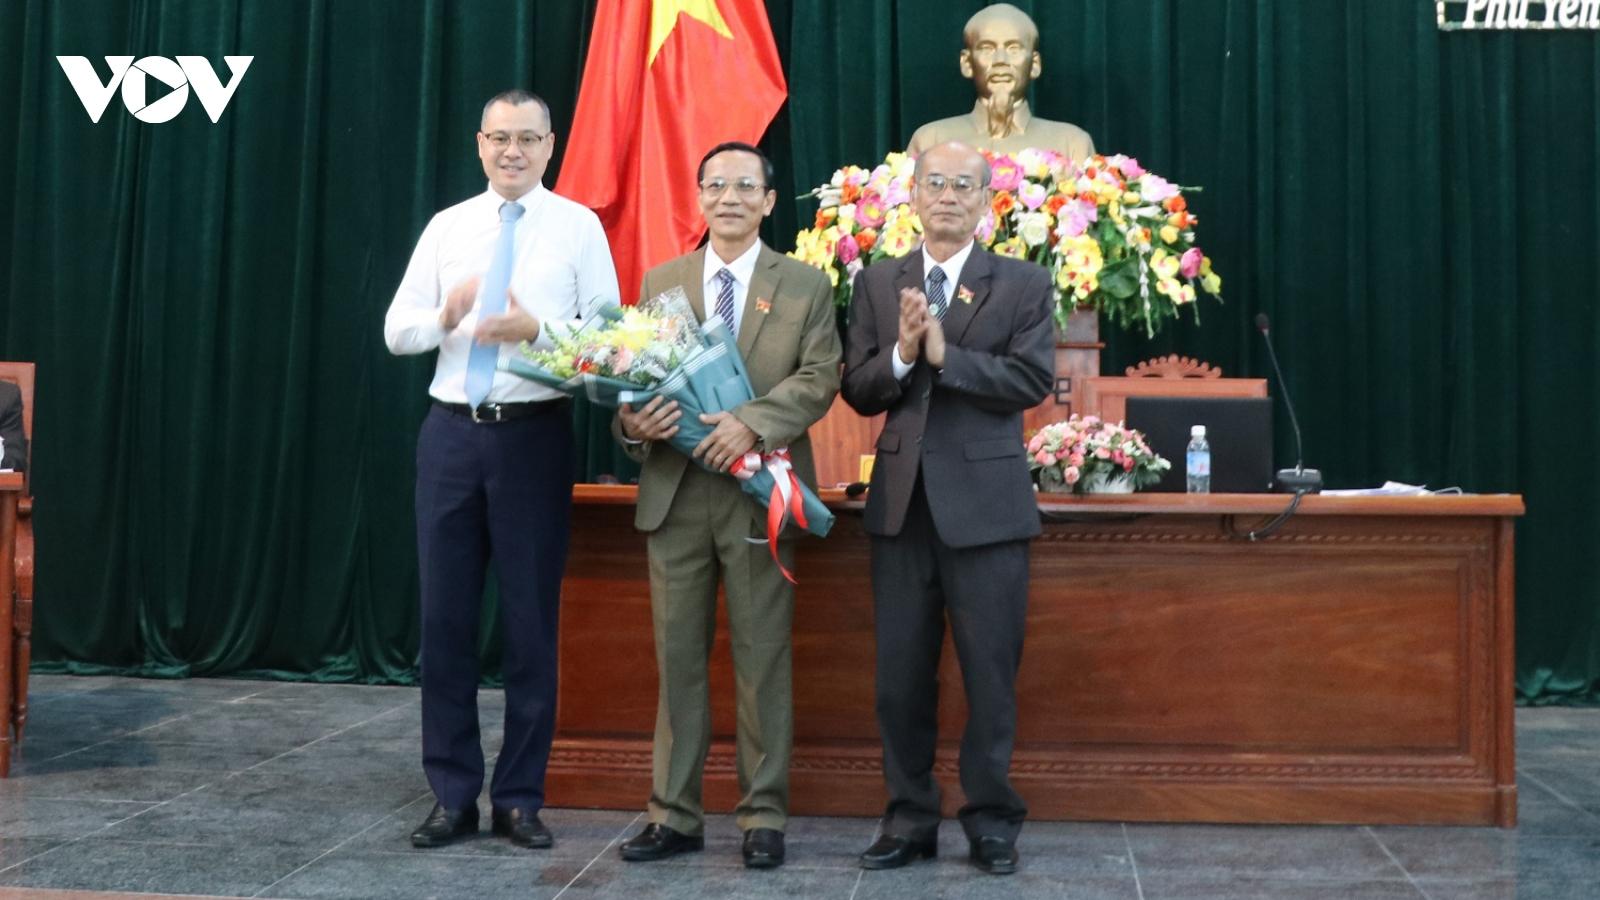 Giám đốc Sở Tài chính Phú Yên được bầu làm Phó Chủ tịch HĐND tỉnh